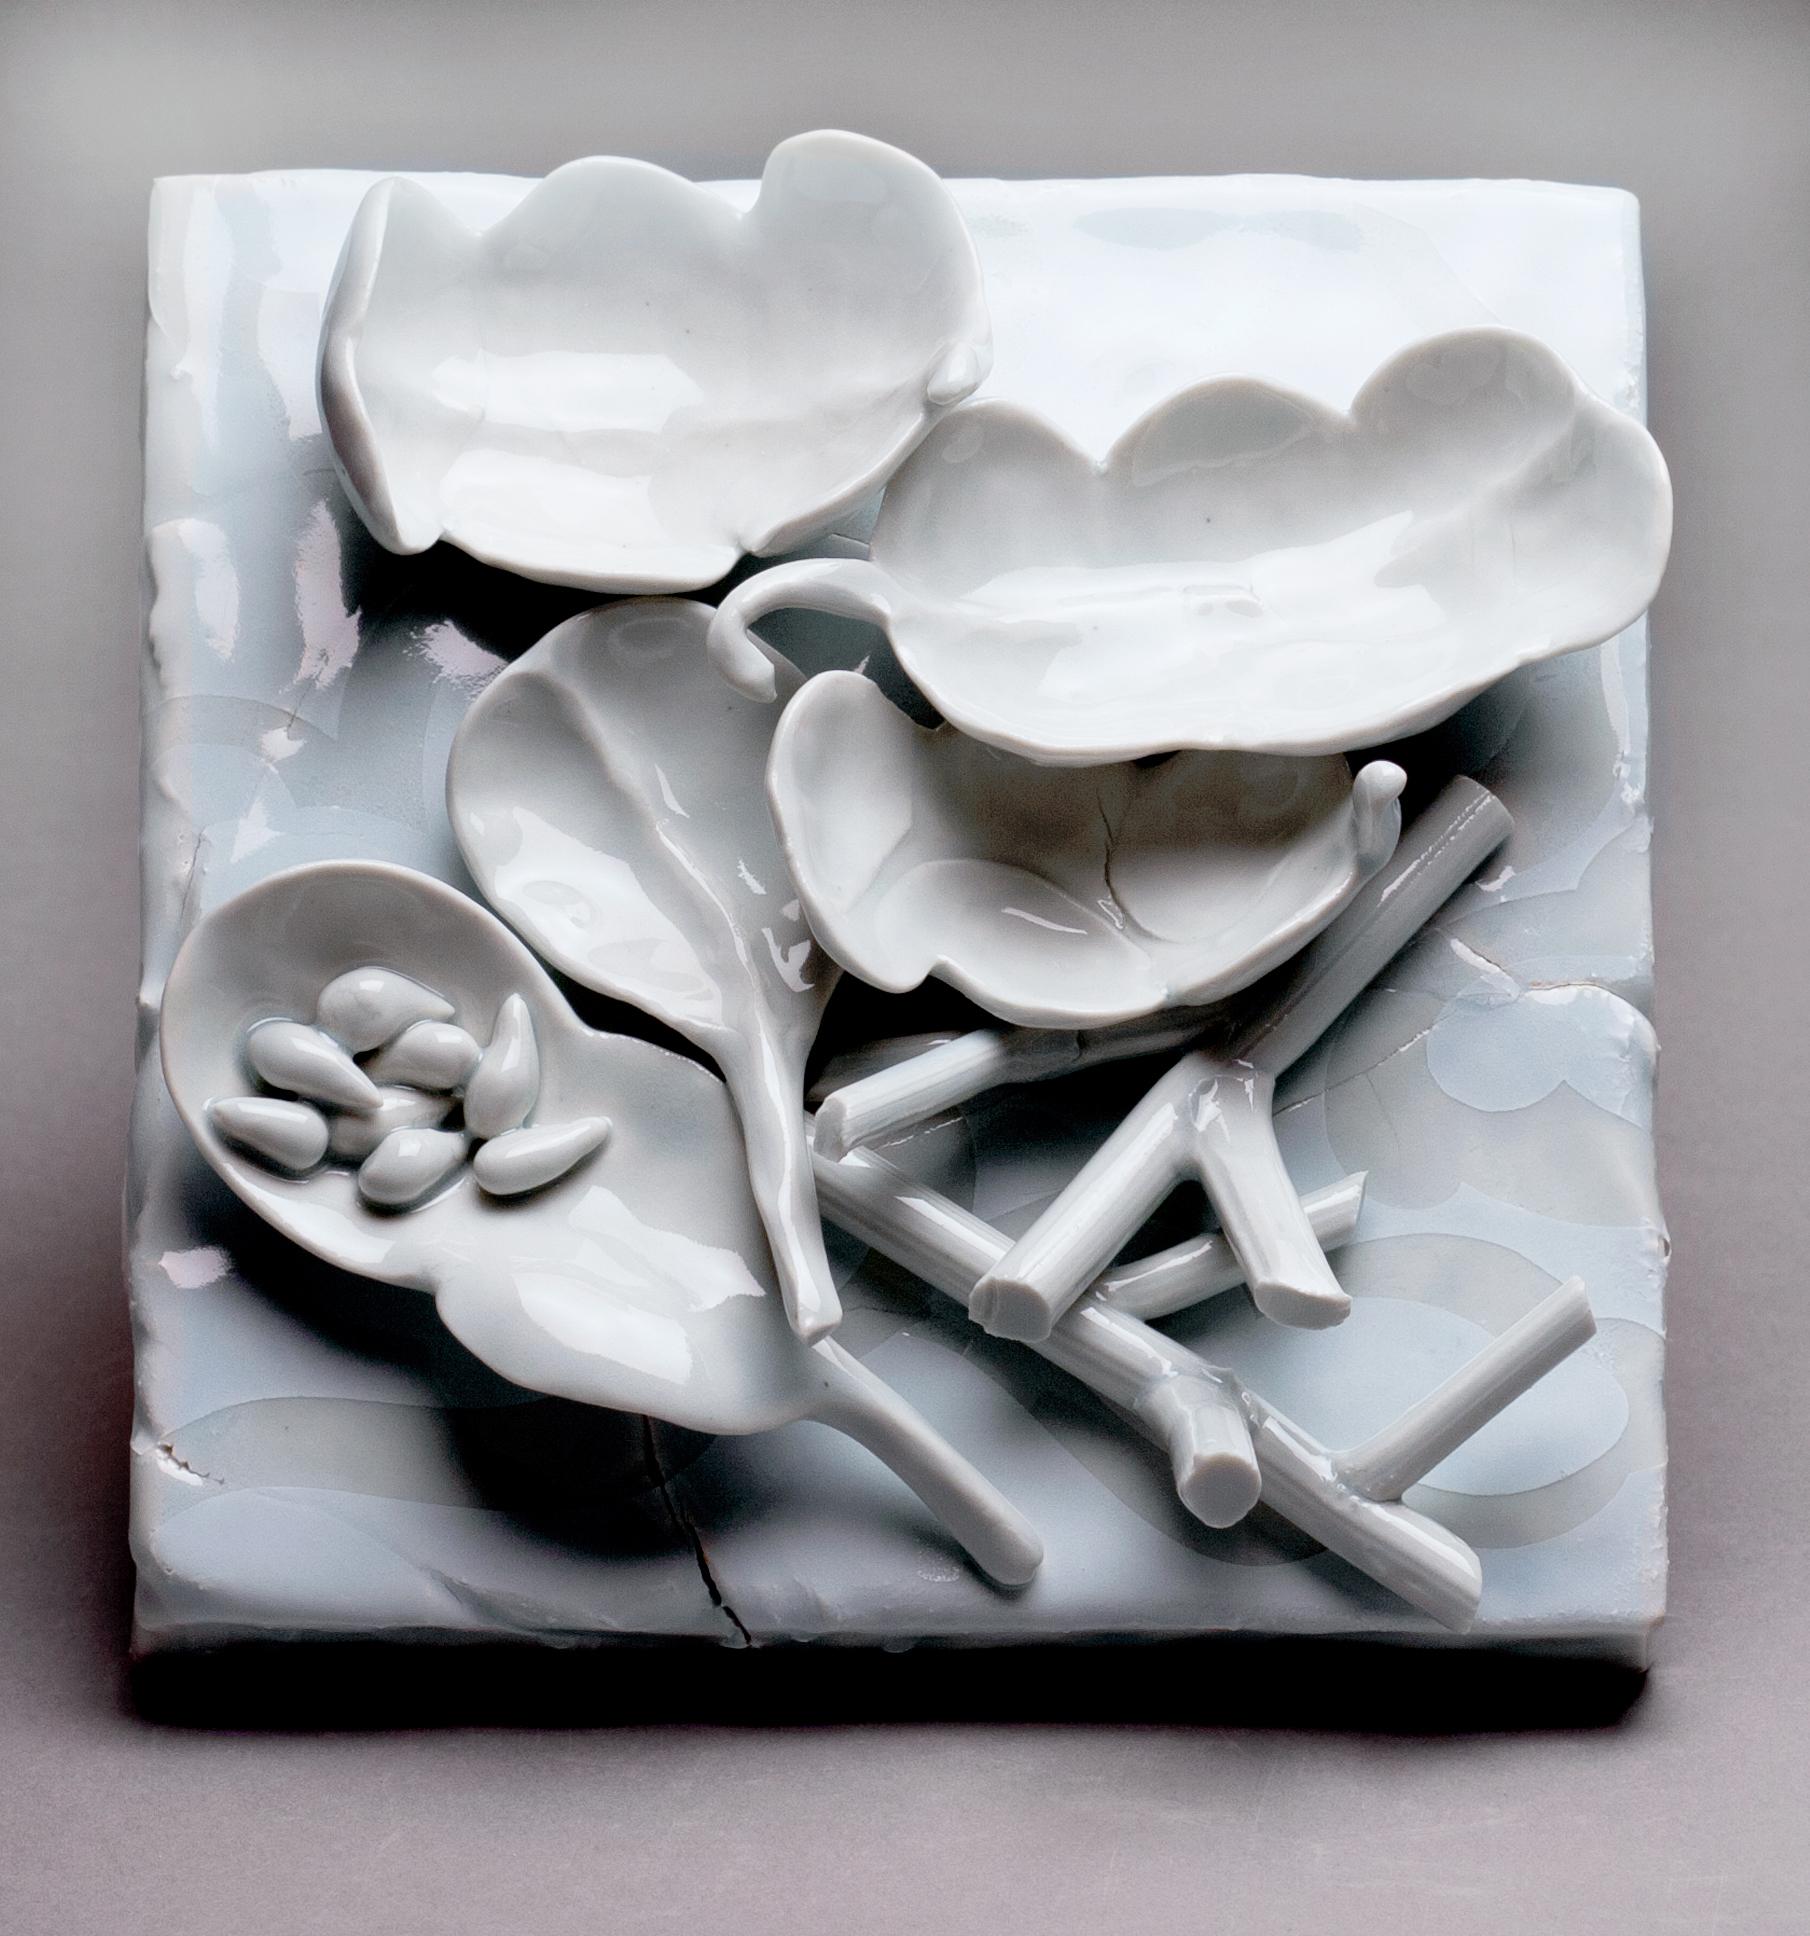 sculpture21b.jpg